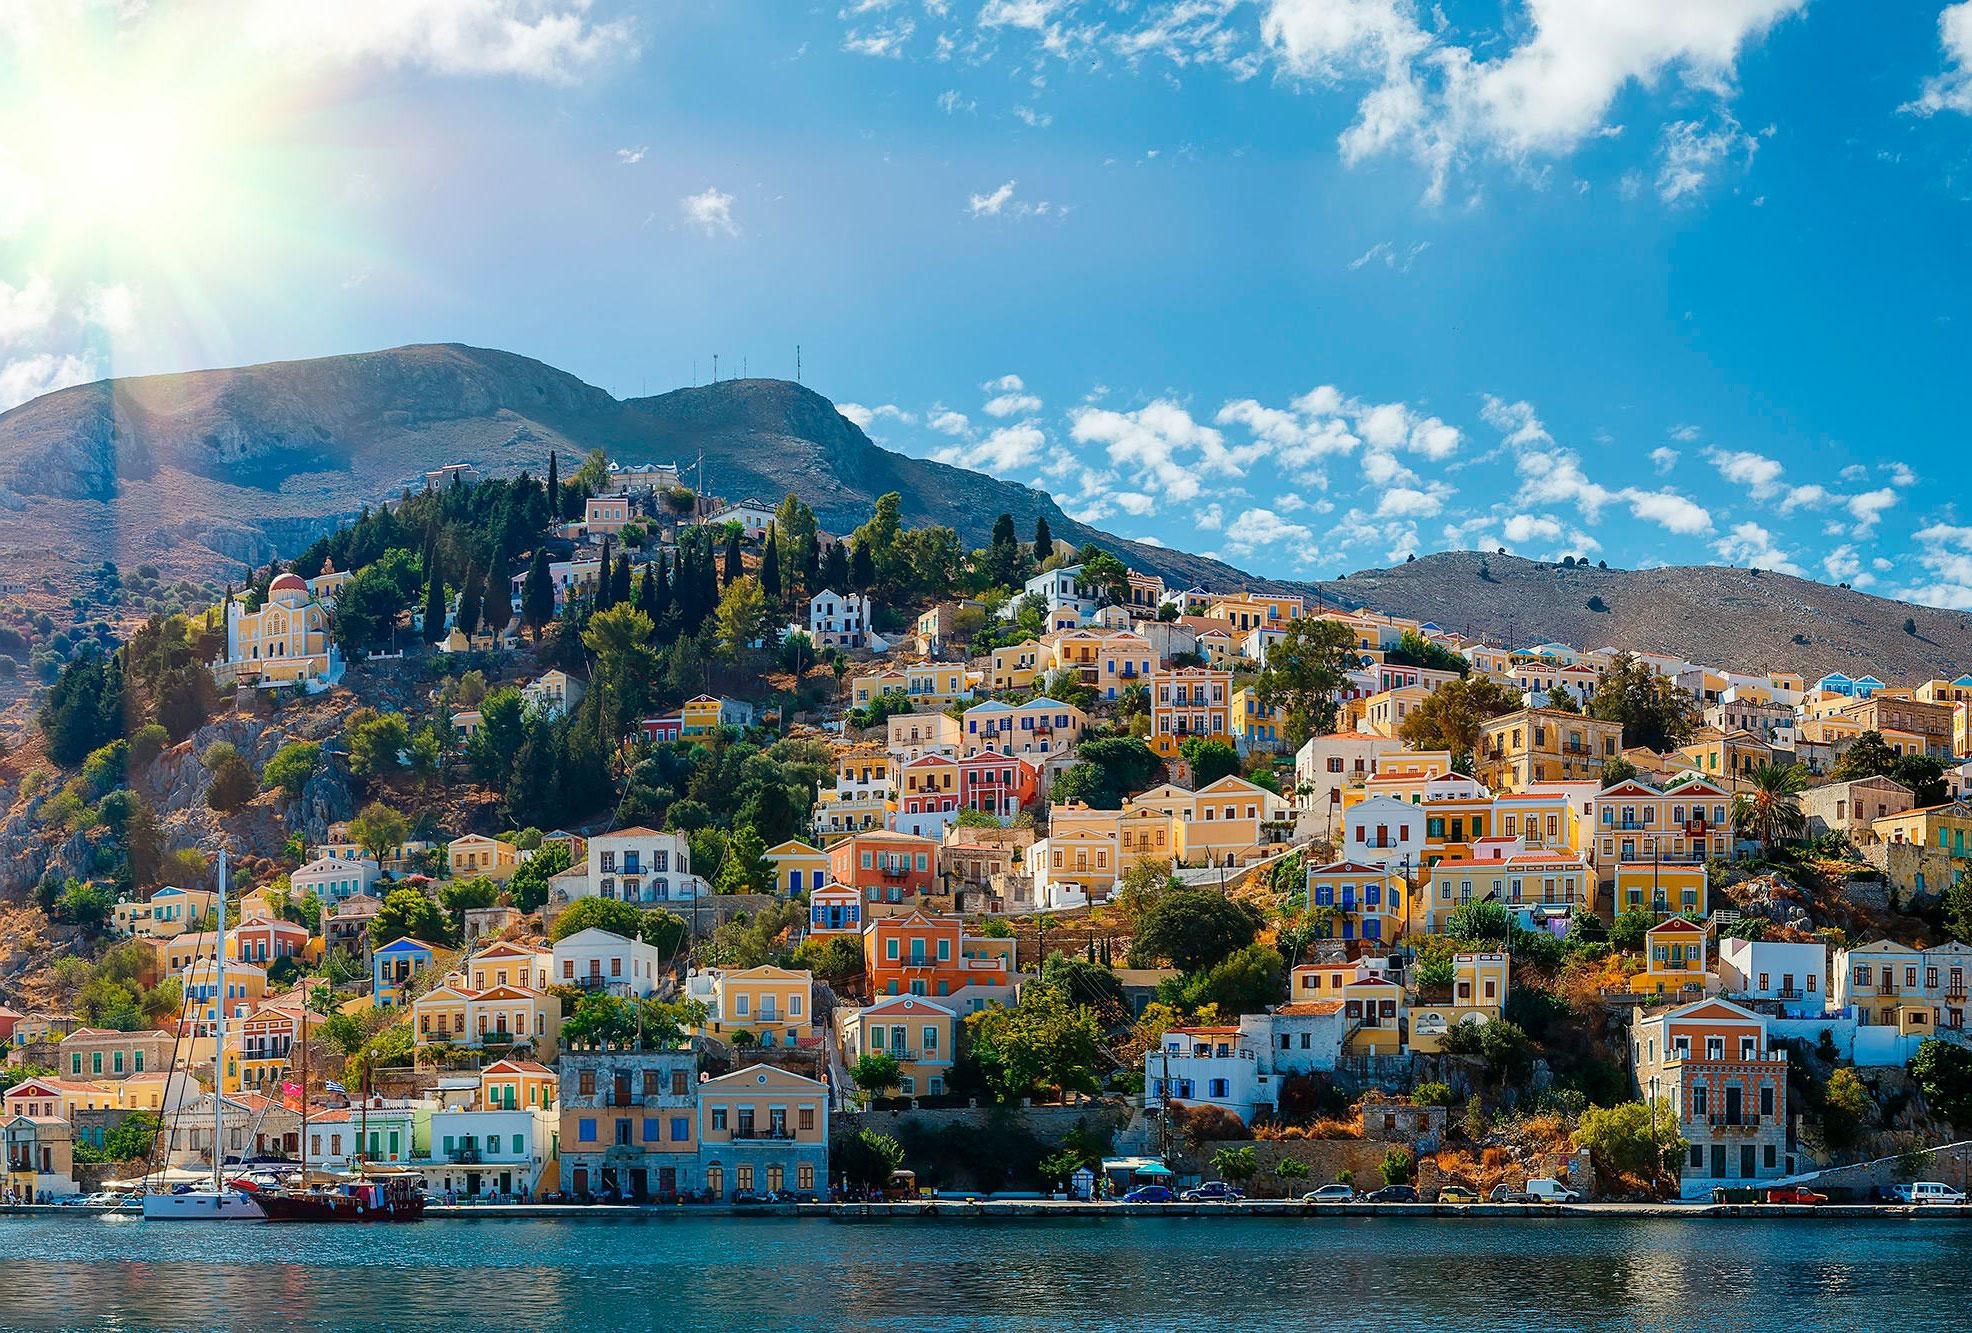 греческий остров Сими – без визы в 2019 году